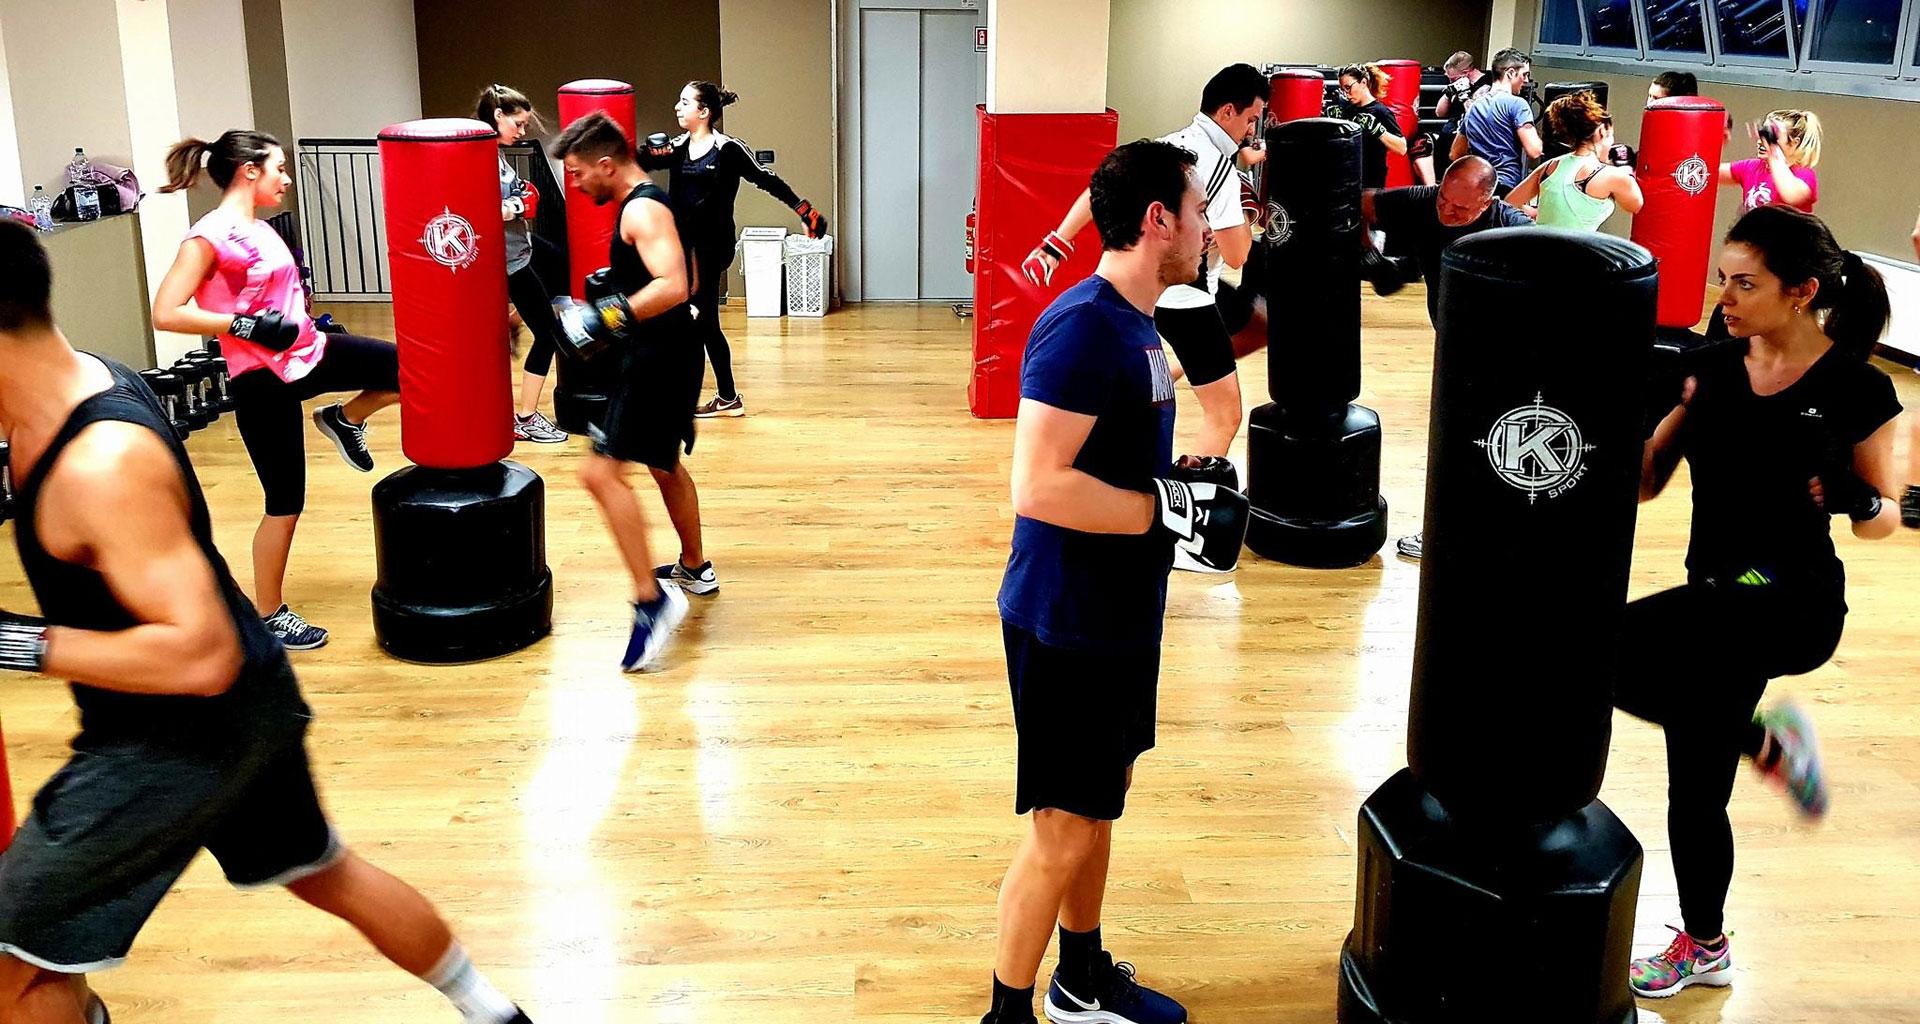 Istruttori fitness: tutti Professionisti qualificati